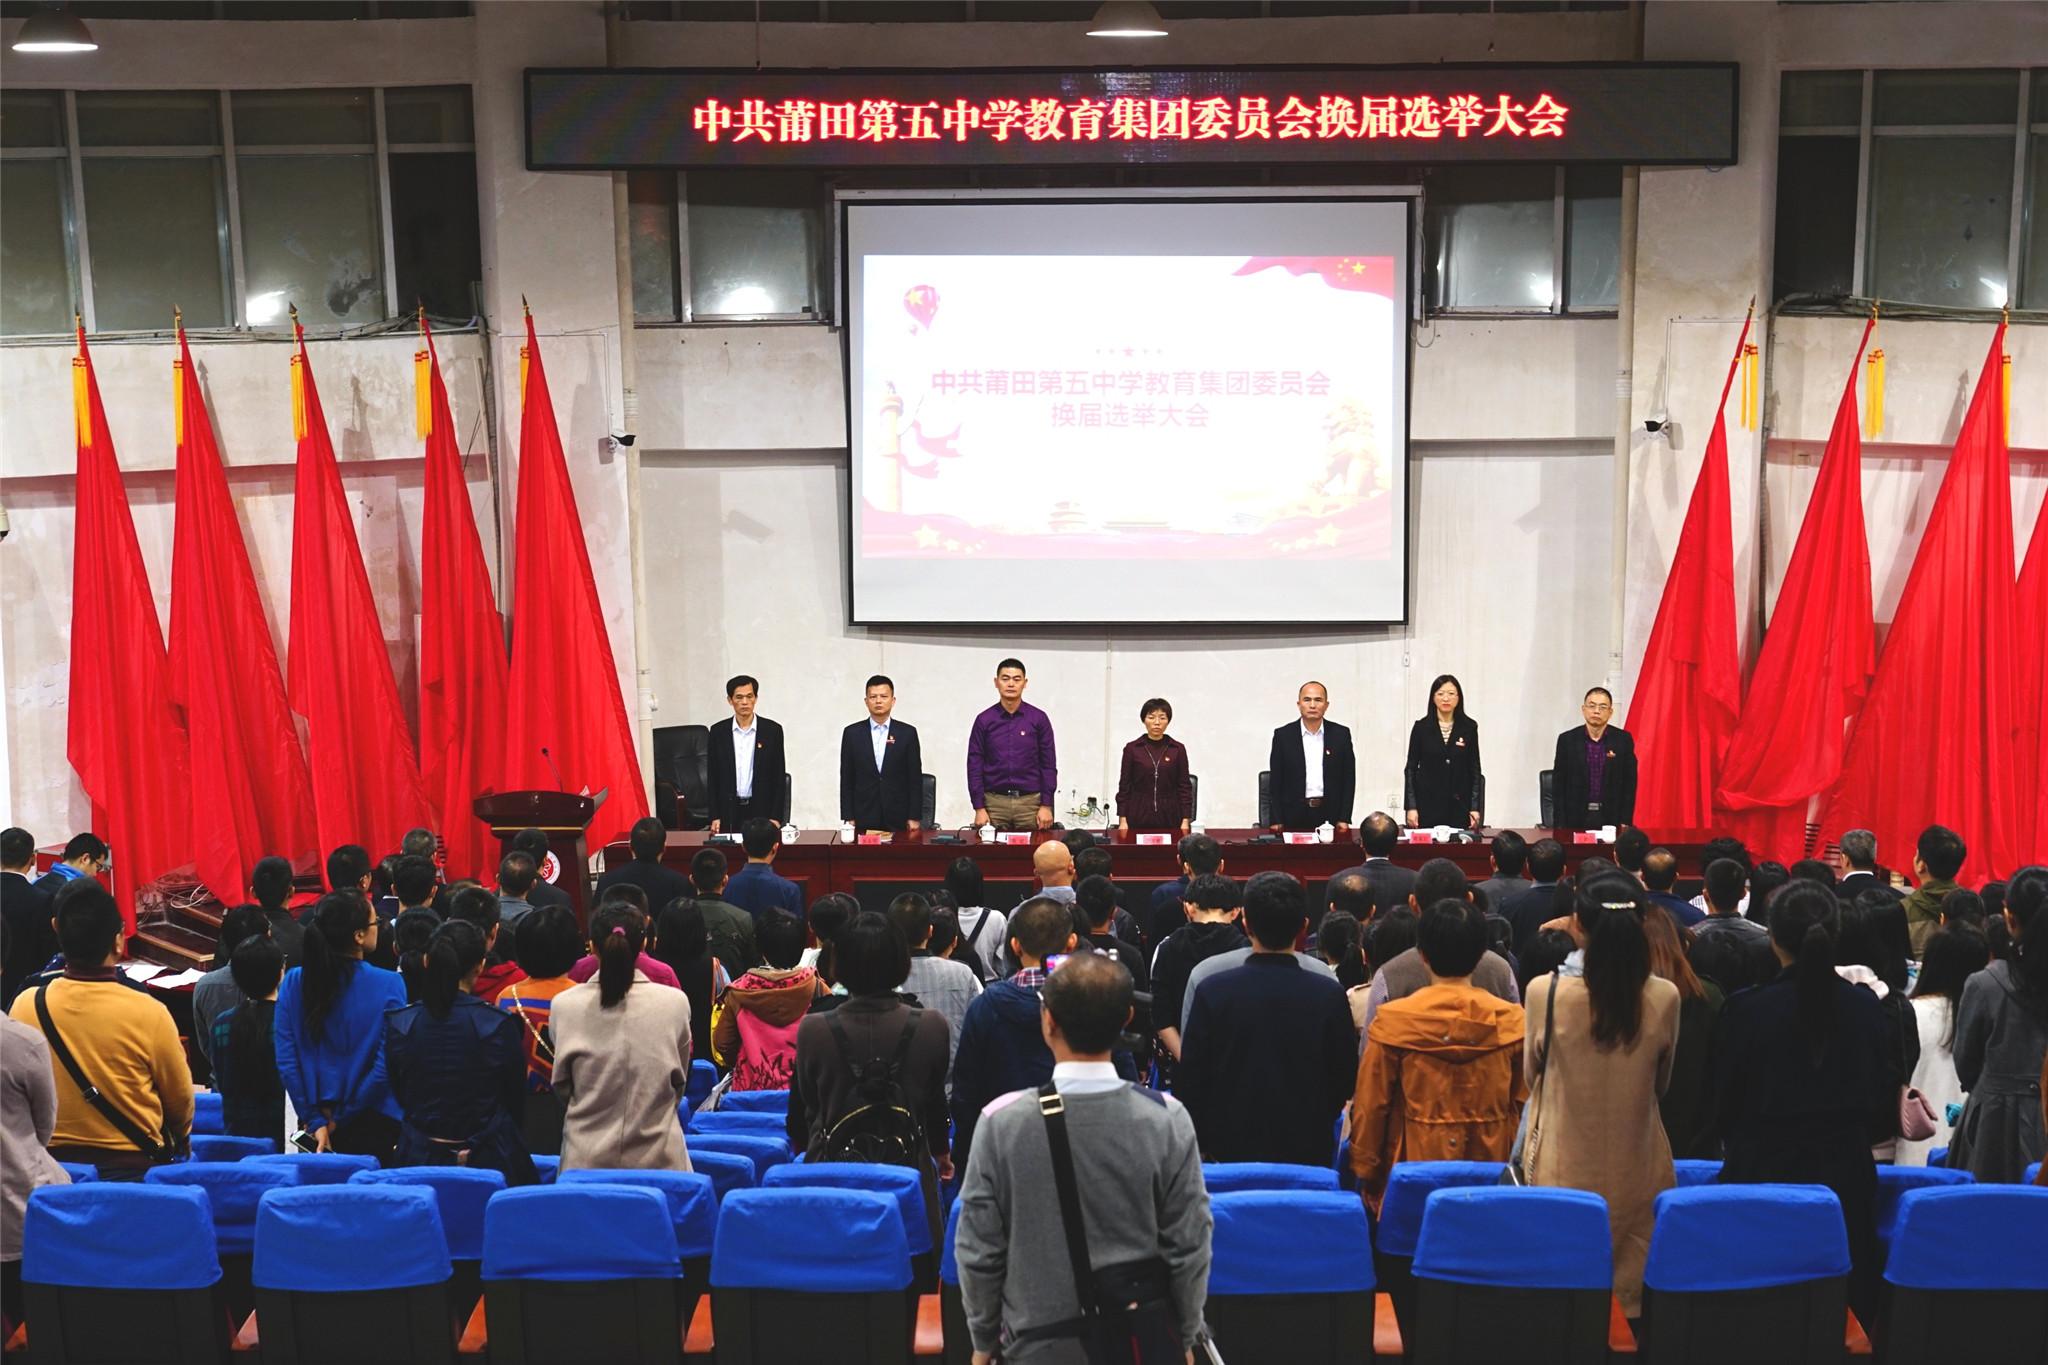 莆田五中教育集团党委举行换届选举大会